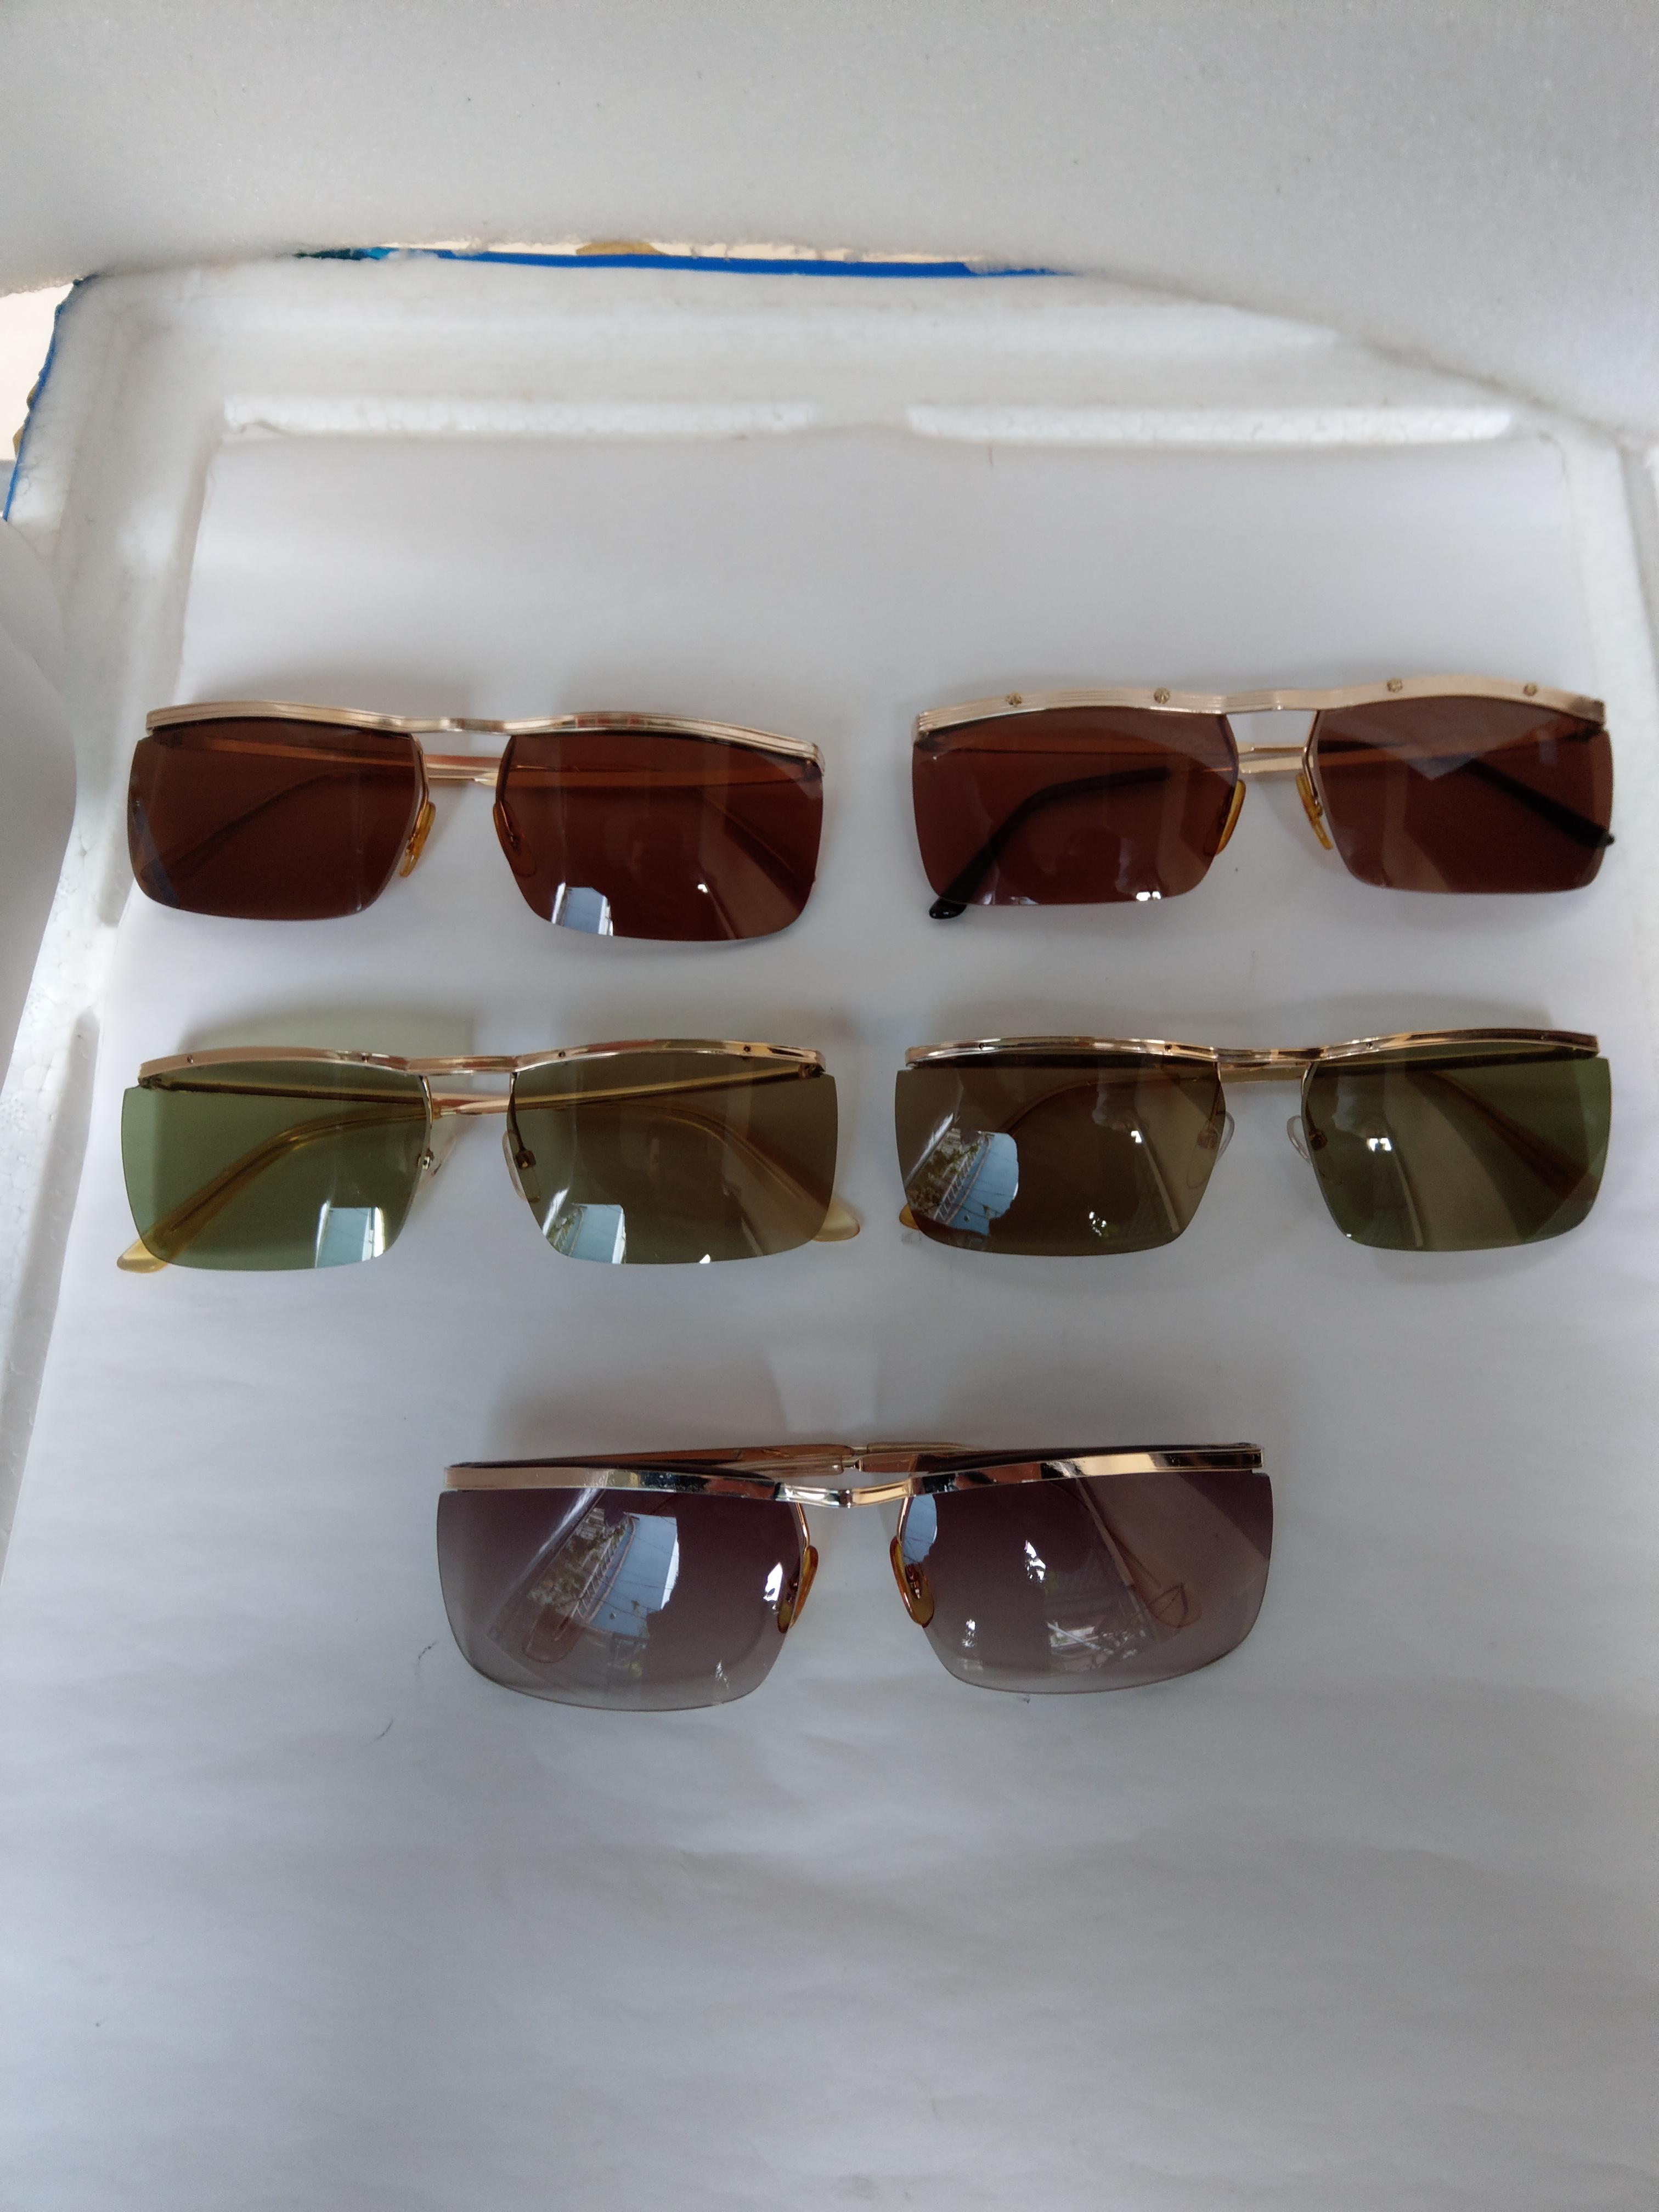 3 Có 5 cái kính cổ mới về toàn hàng cổ xưa.